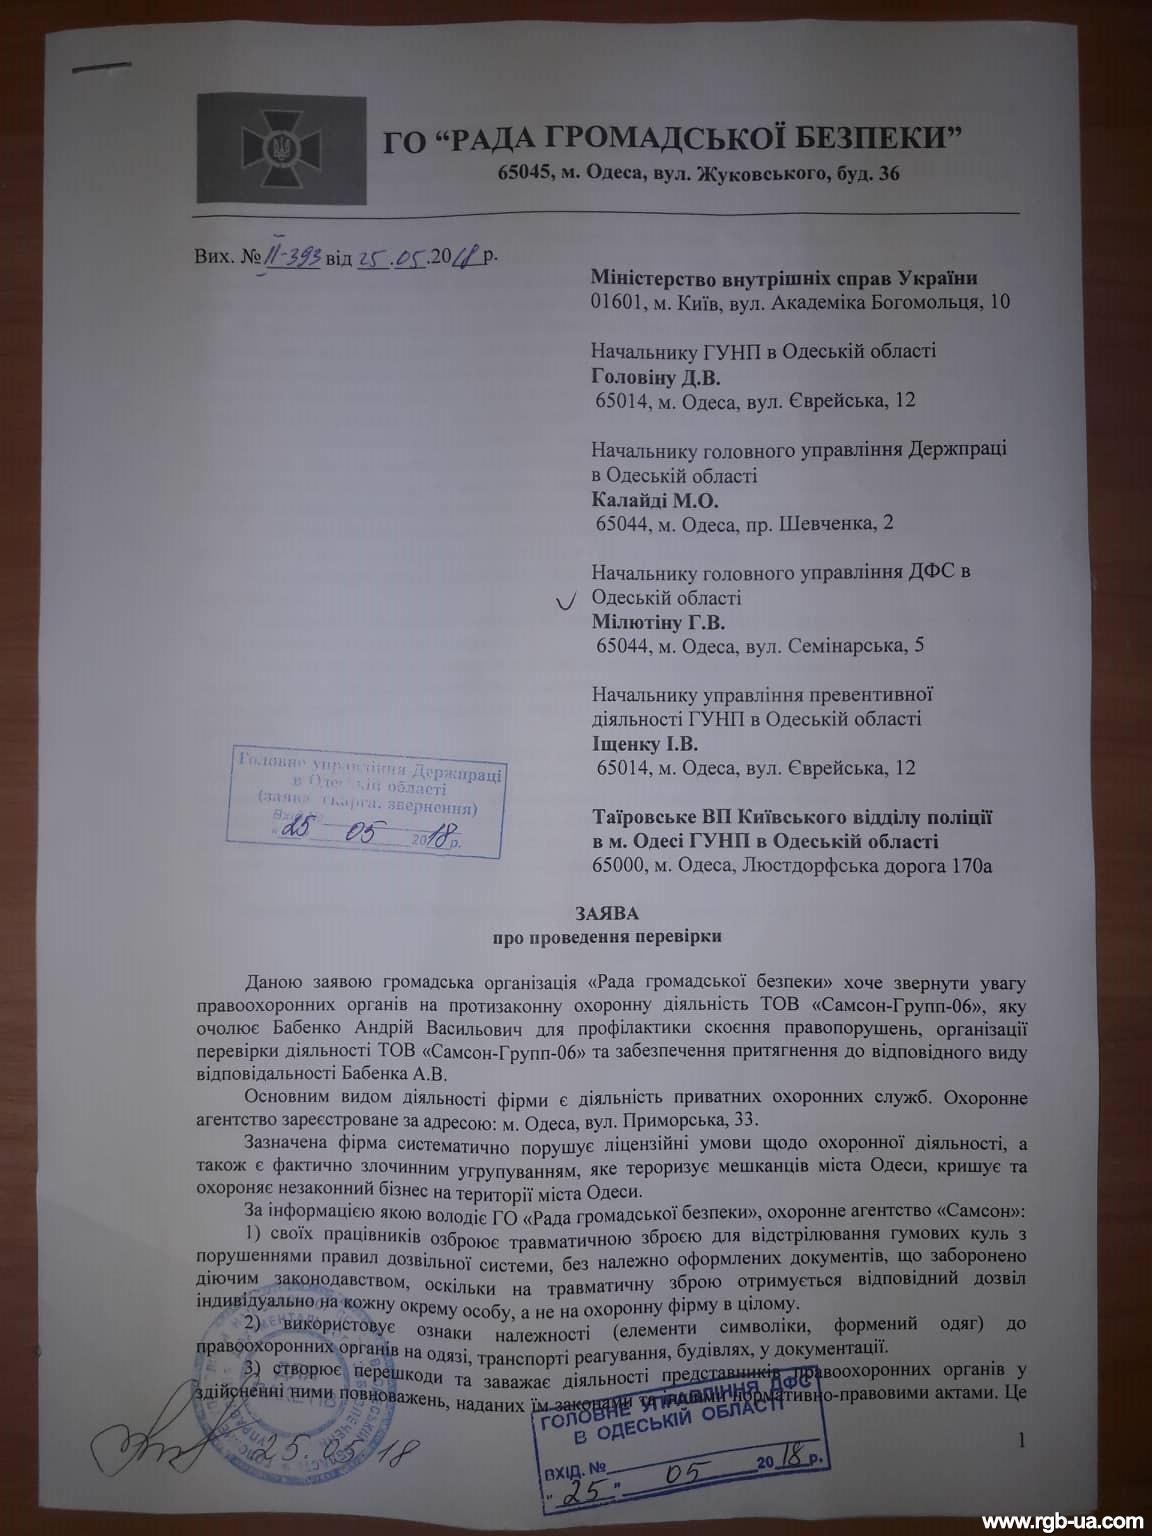 Взрыв в Одессе: Авакова предупреждали об озверевшей ОПГ